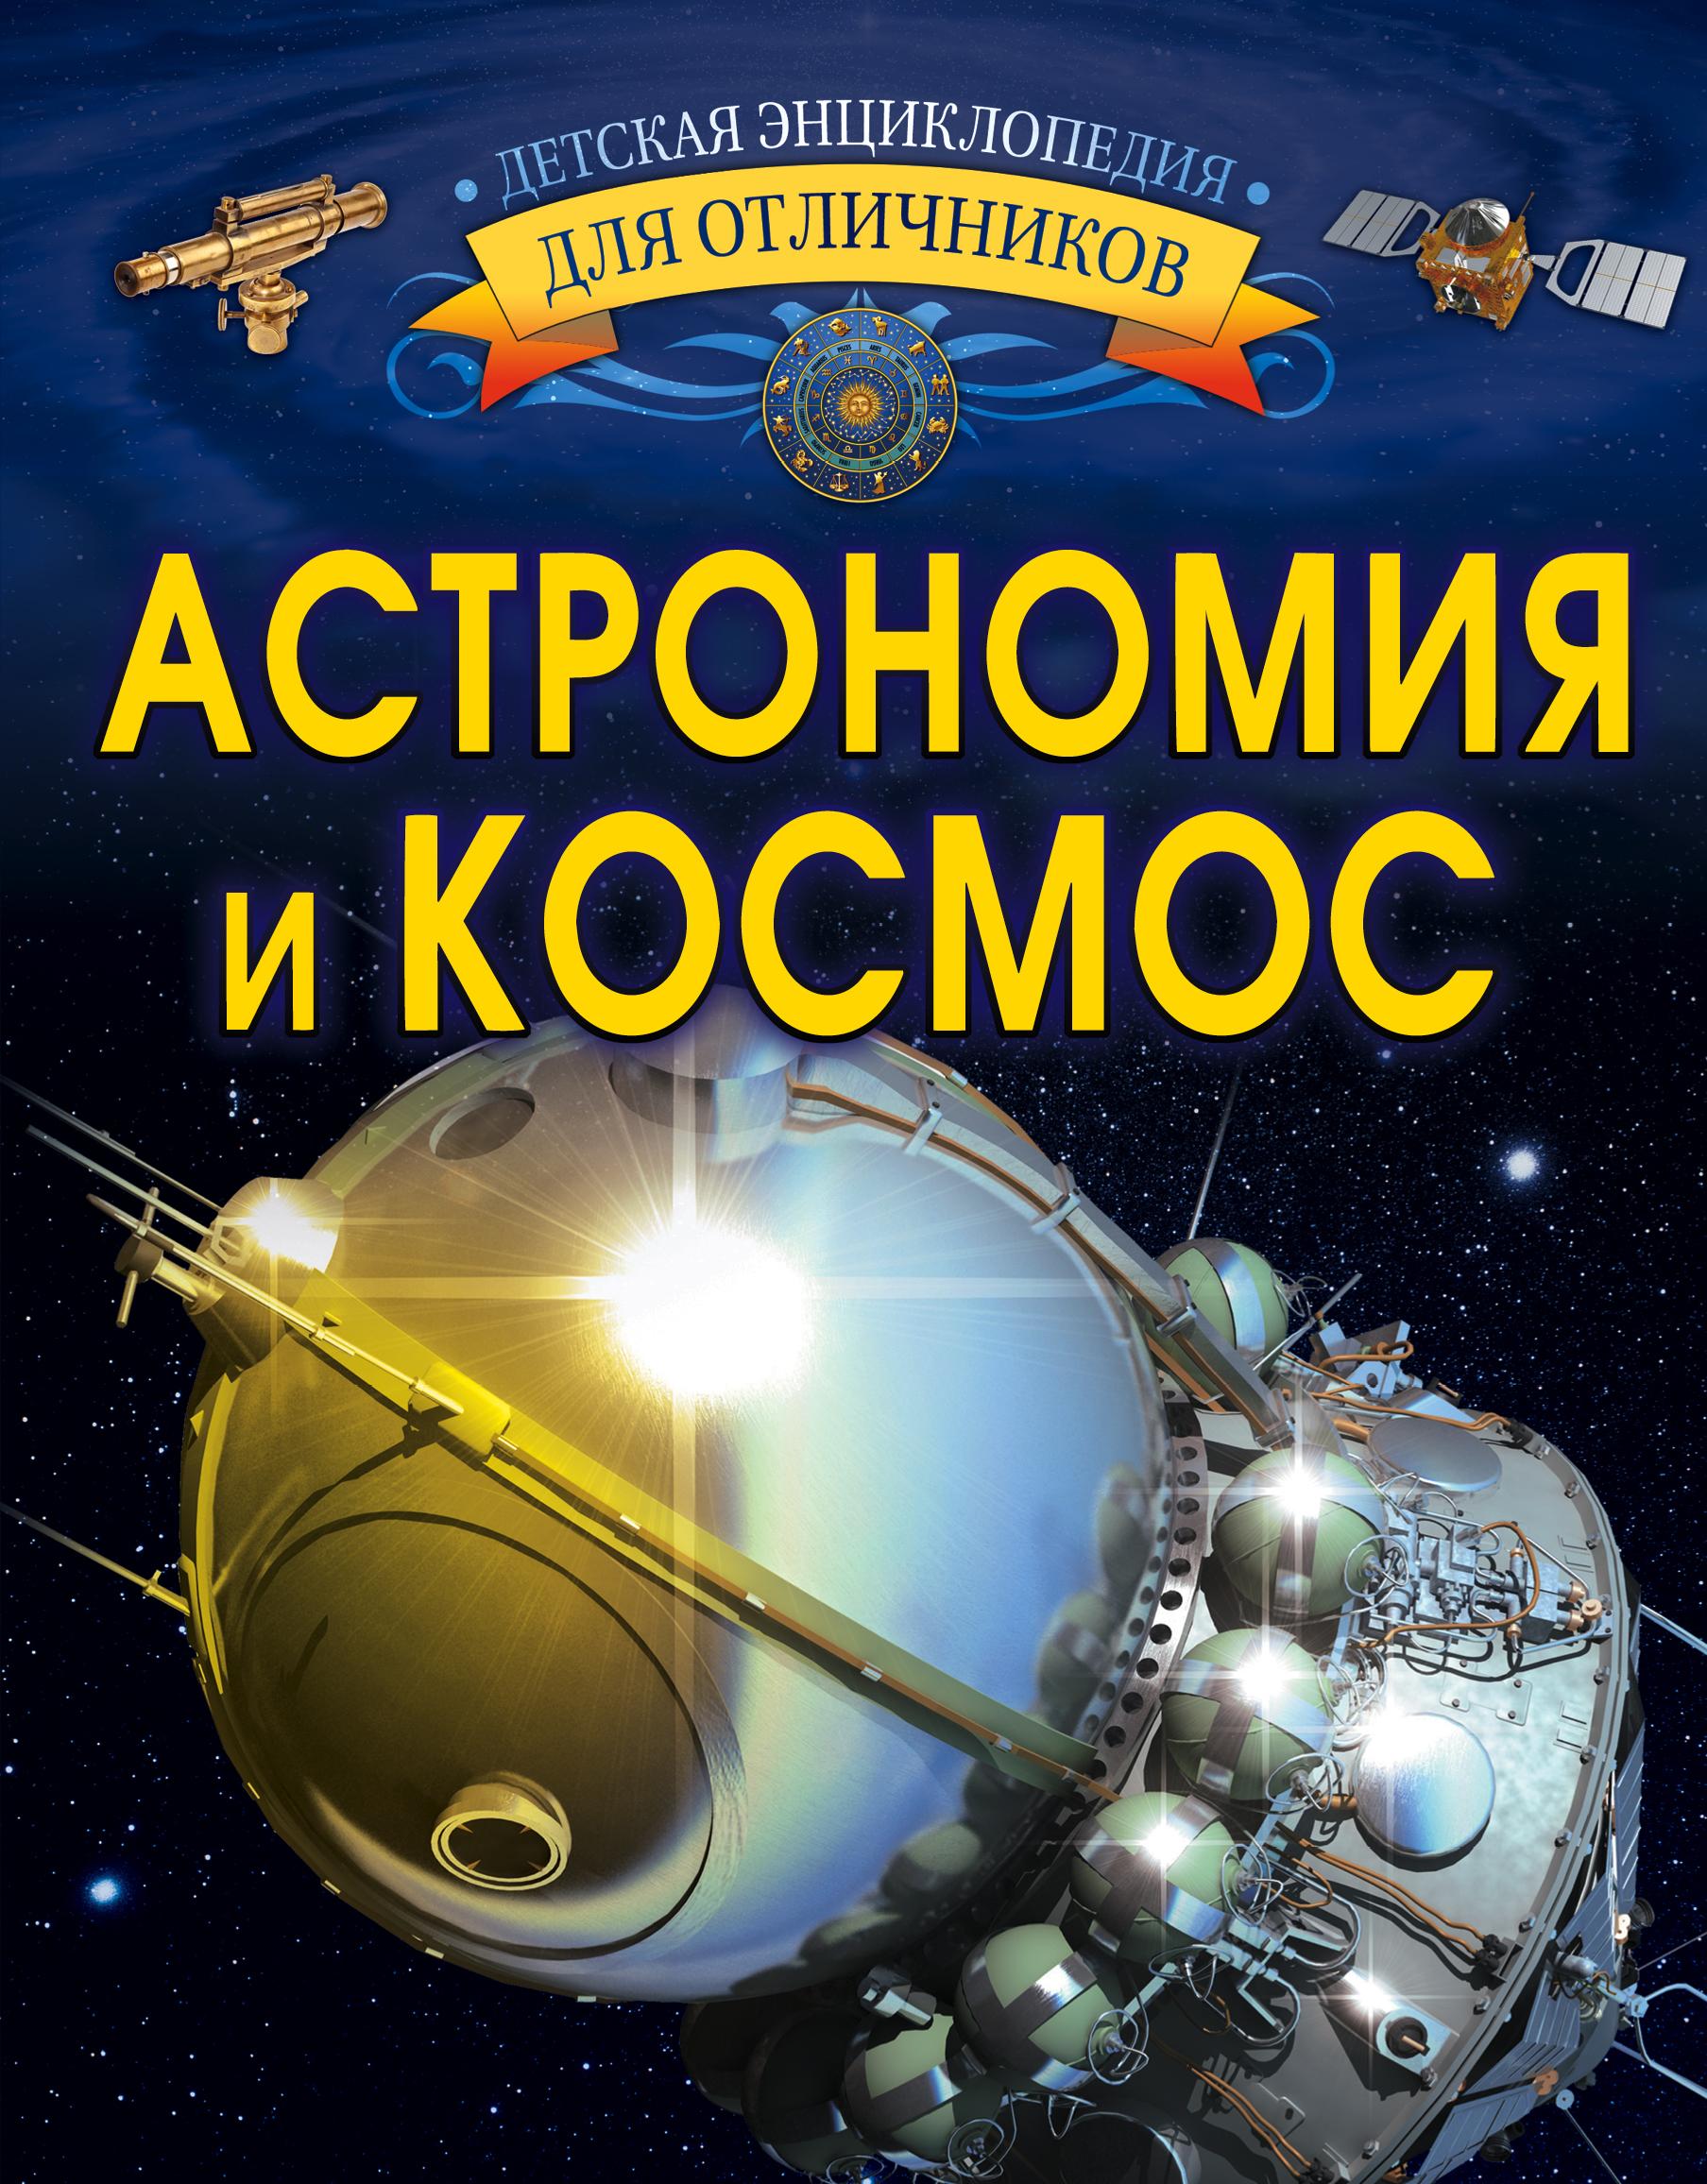 Астрономия и космос | Ликсо Вячеслав Владимирович